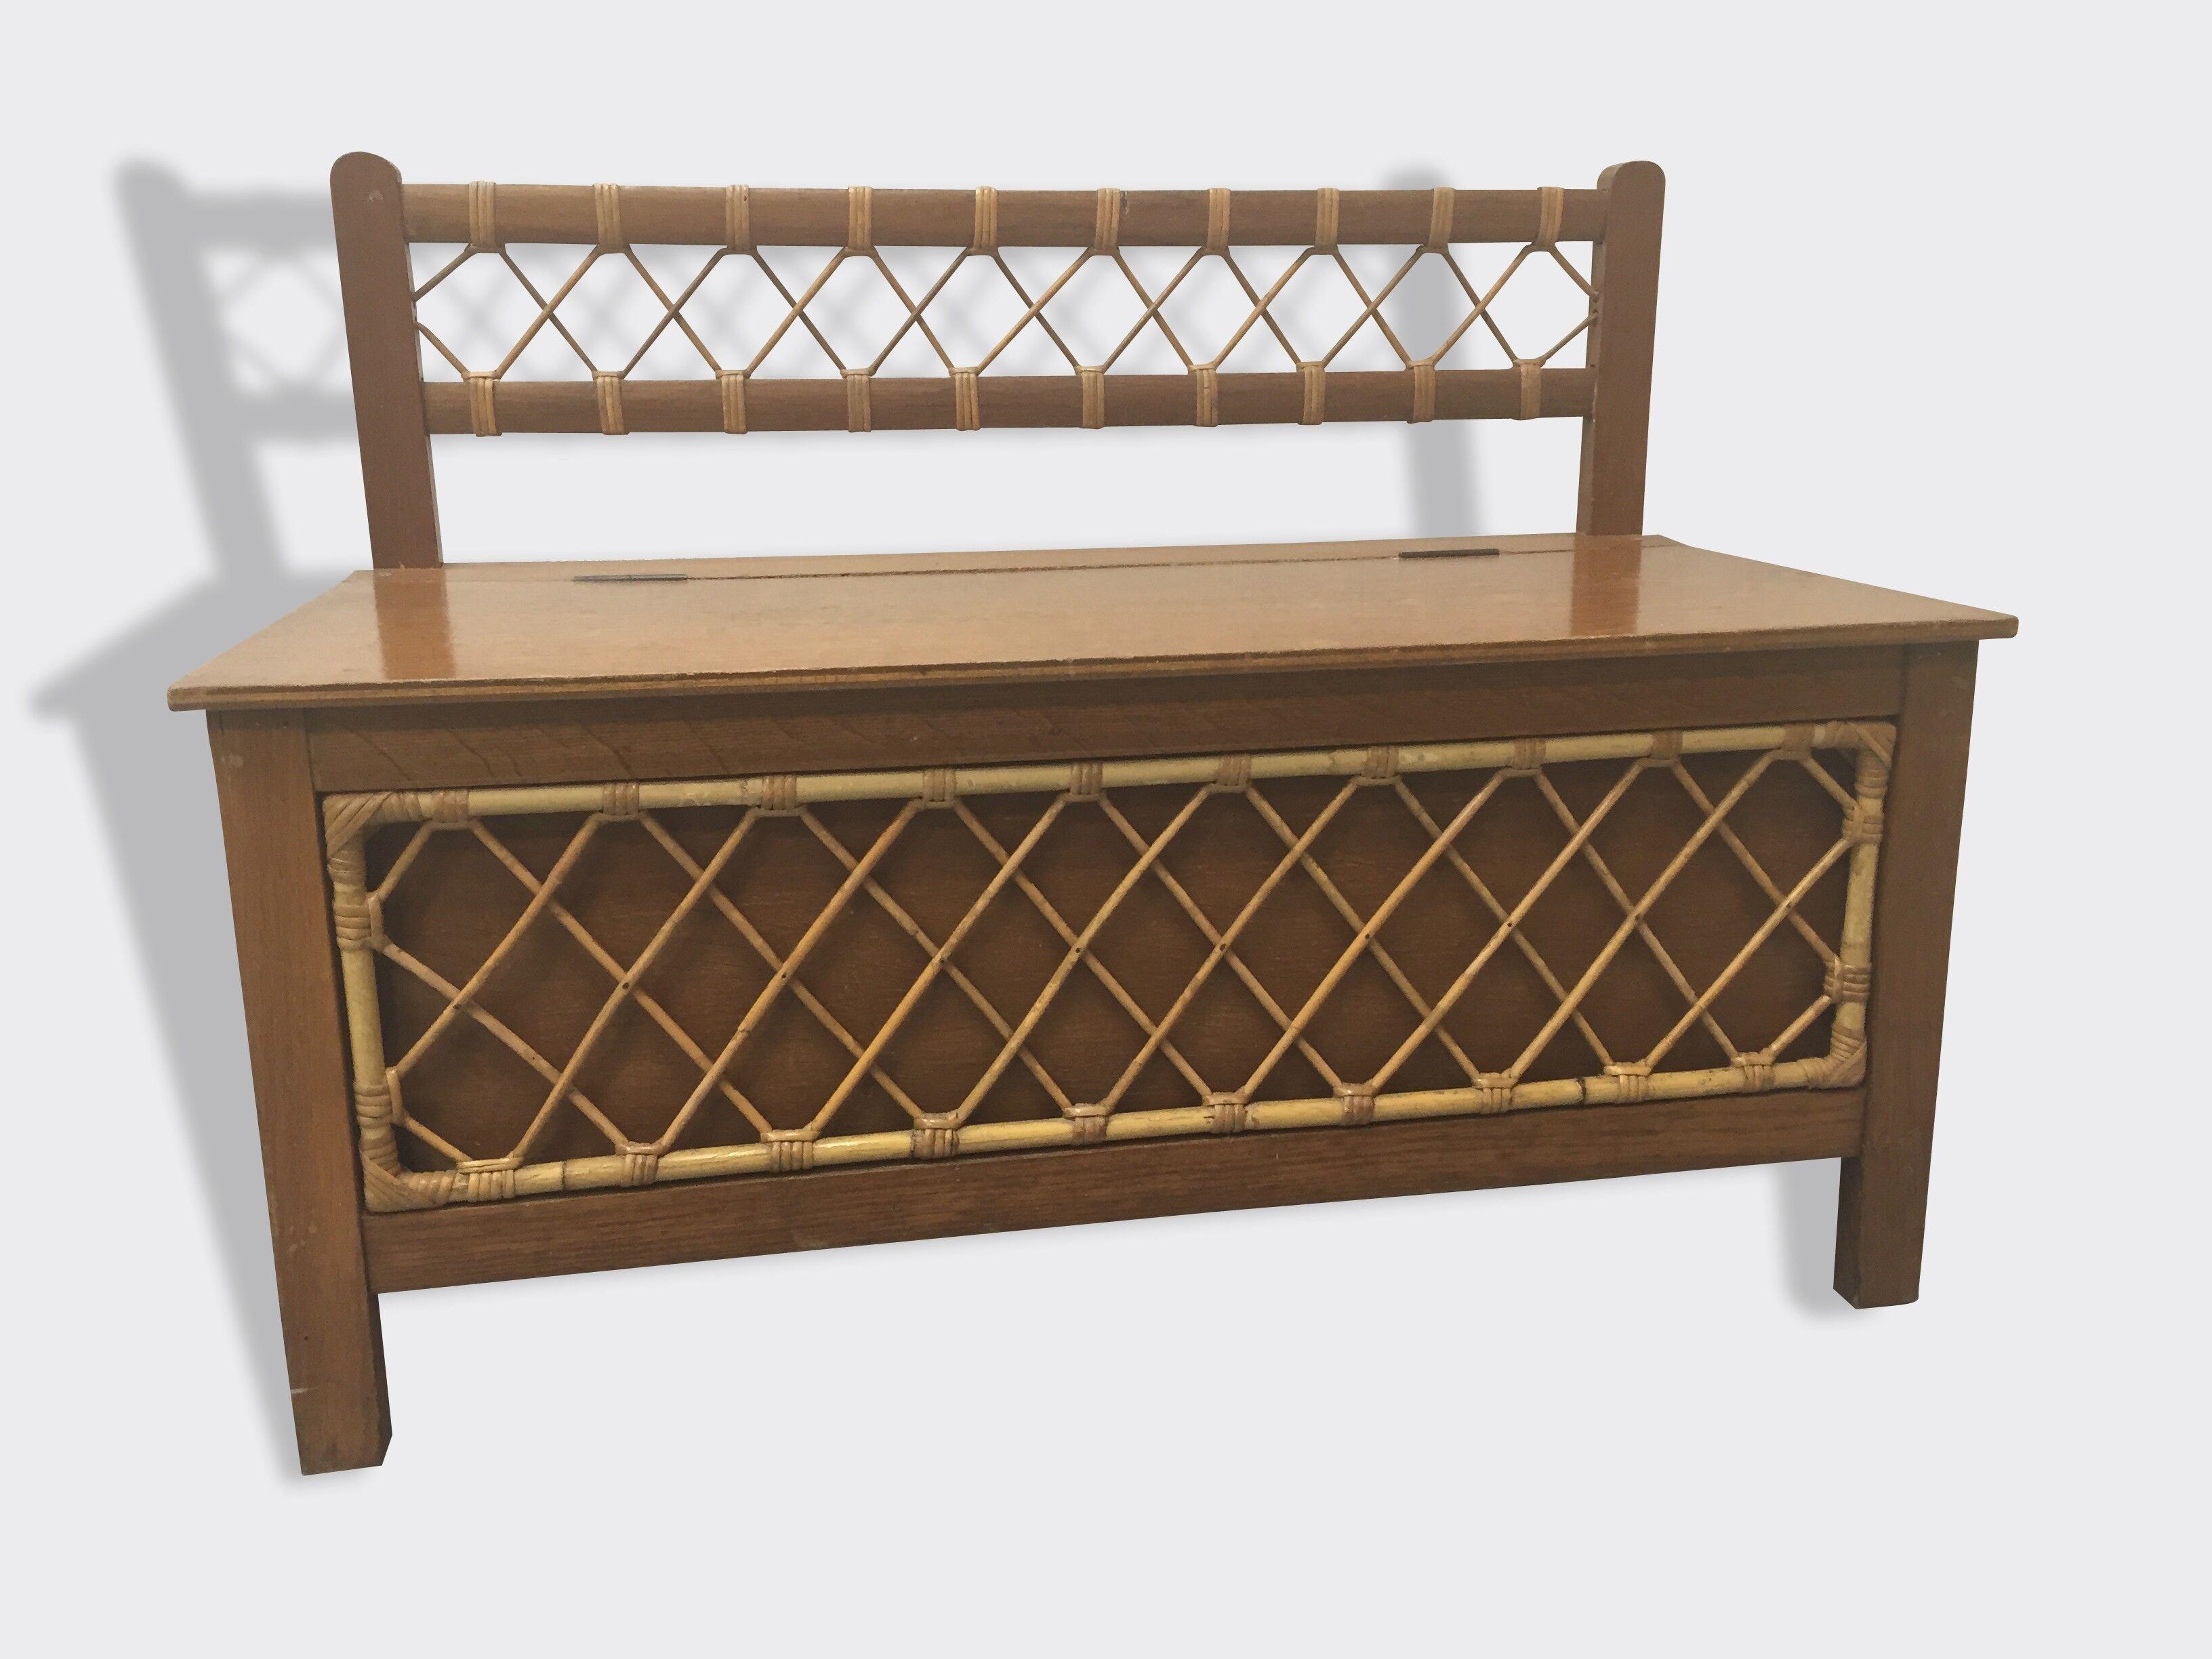 grand coffre jouets latest grand coffre de pirate en bois. Black Bedroom Furniture Sets. Home Design Ideas